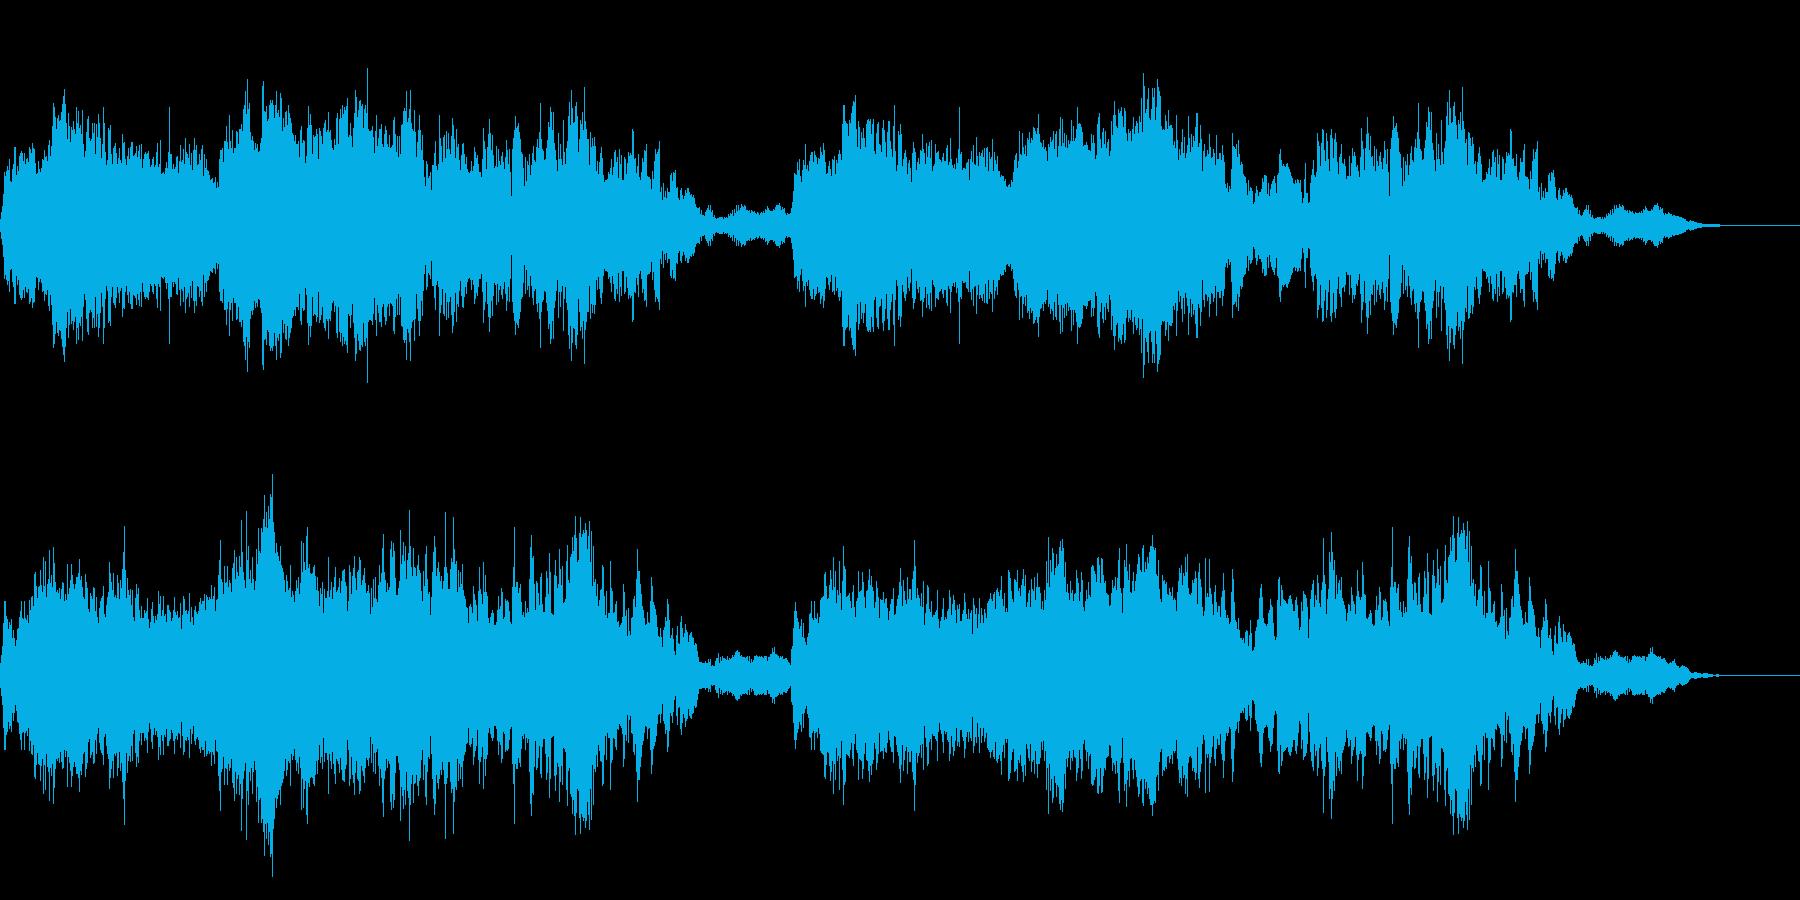 異世界税務署の音楽の再生済みの波形